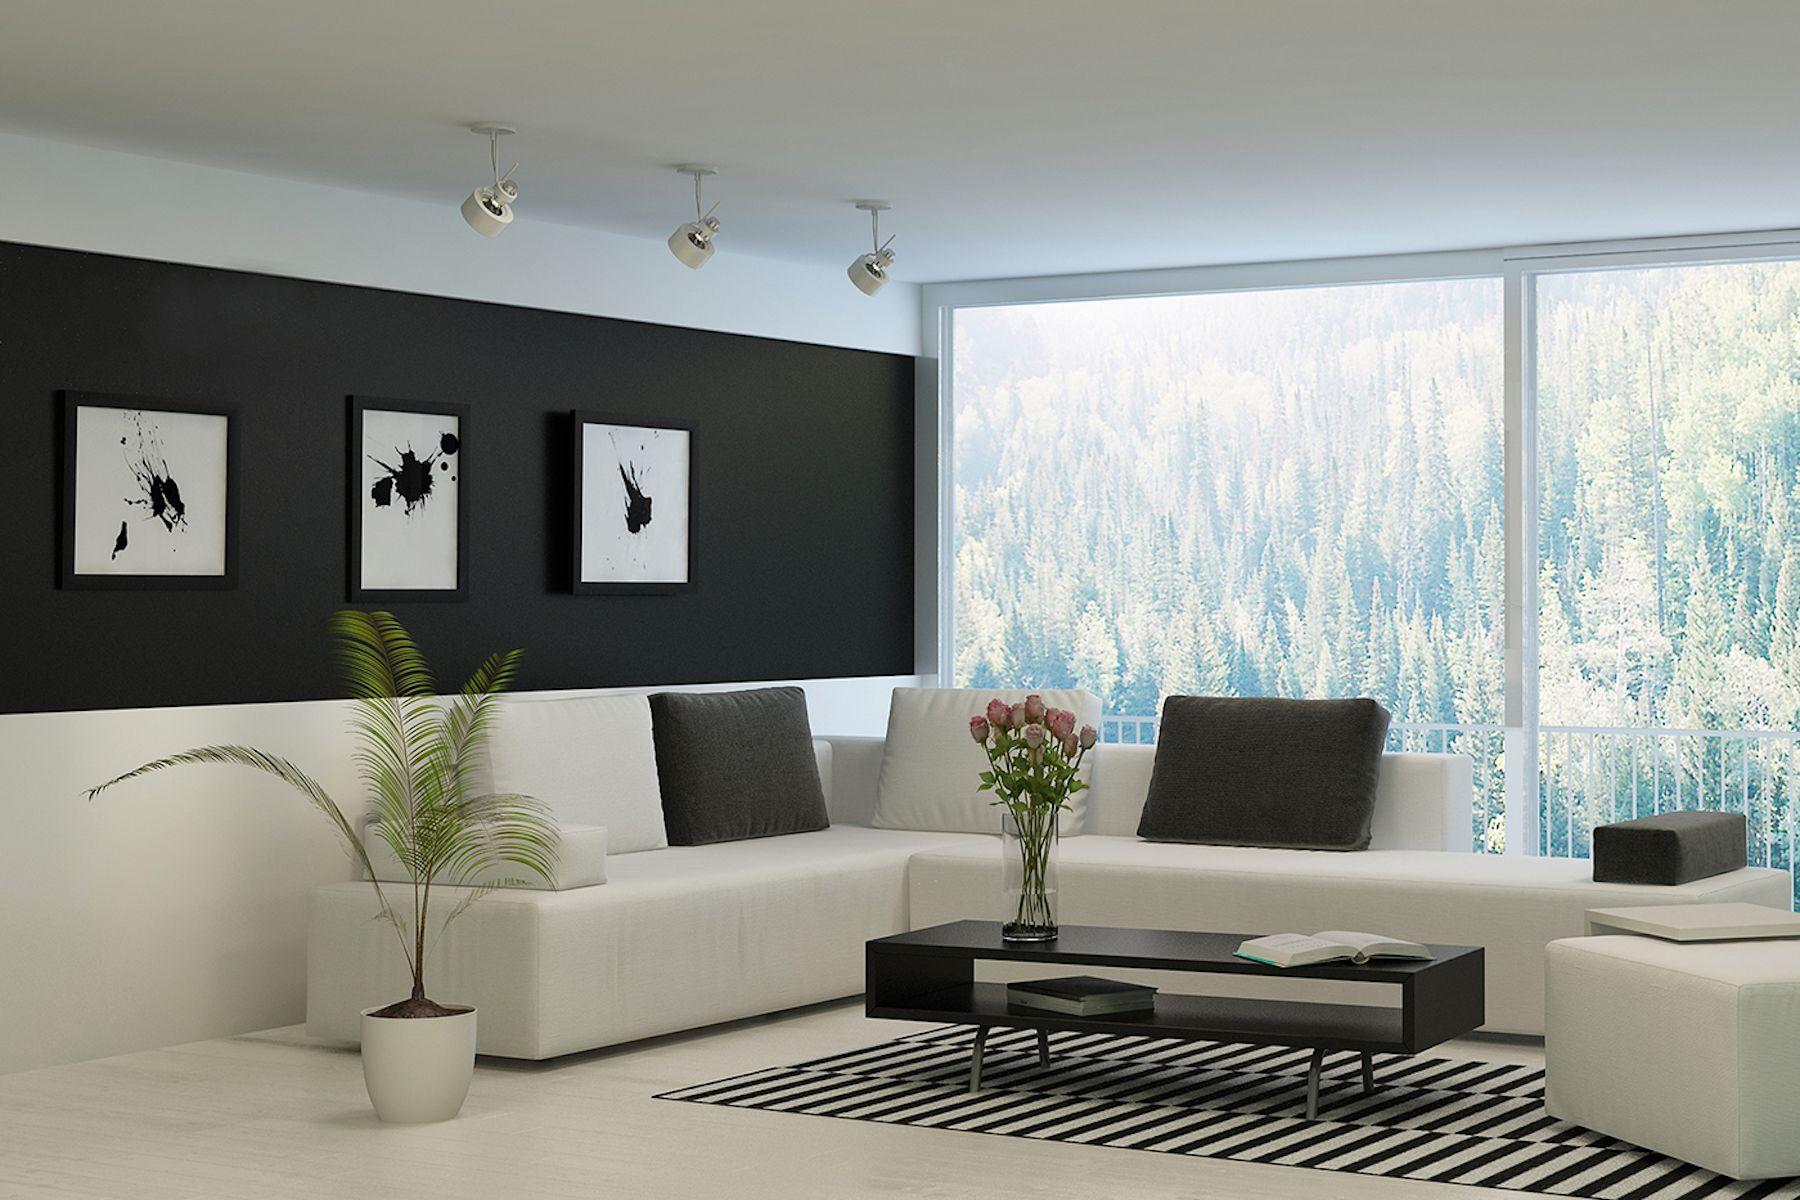 Arredare casa con le pareti nere